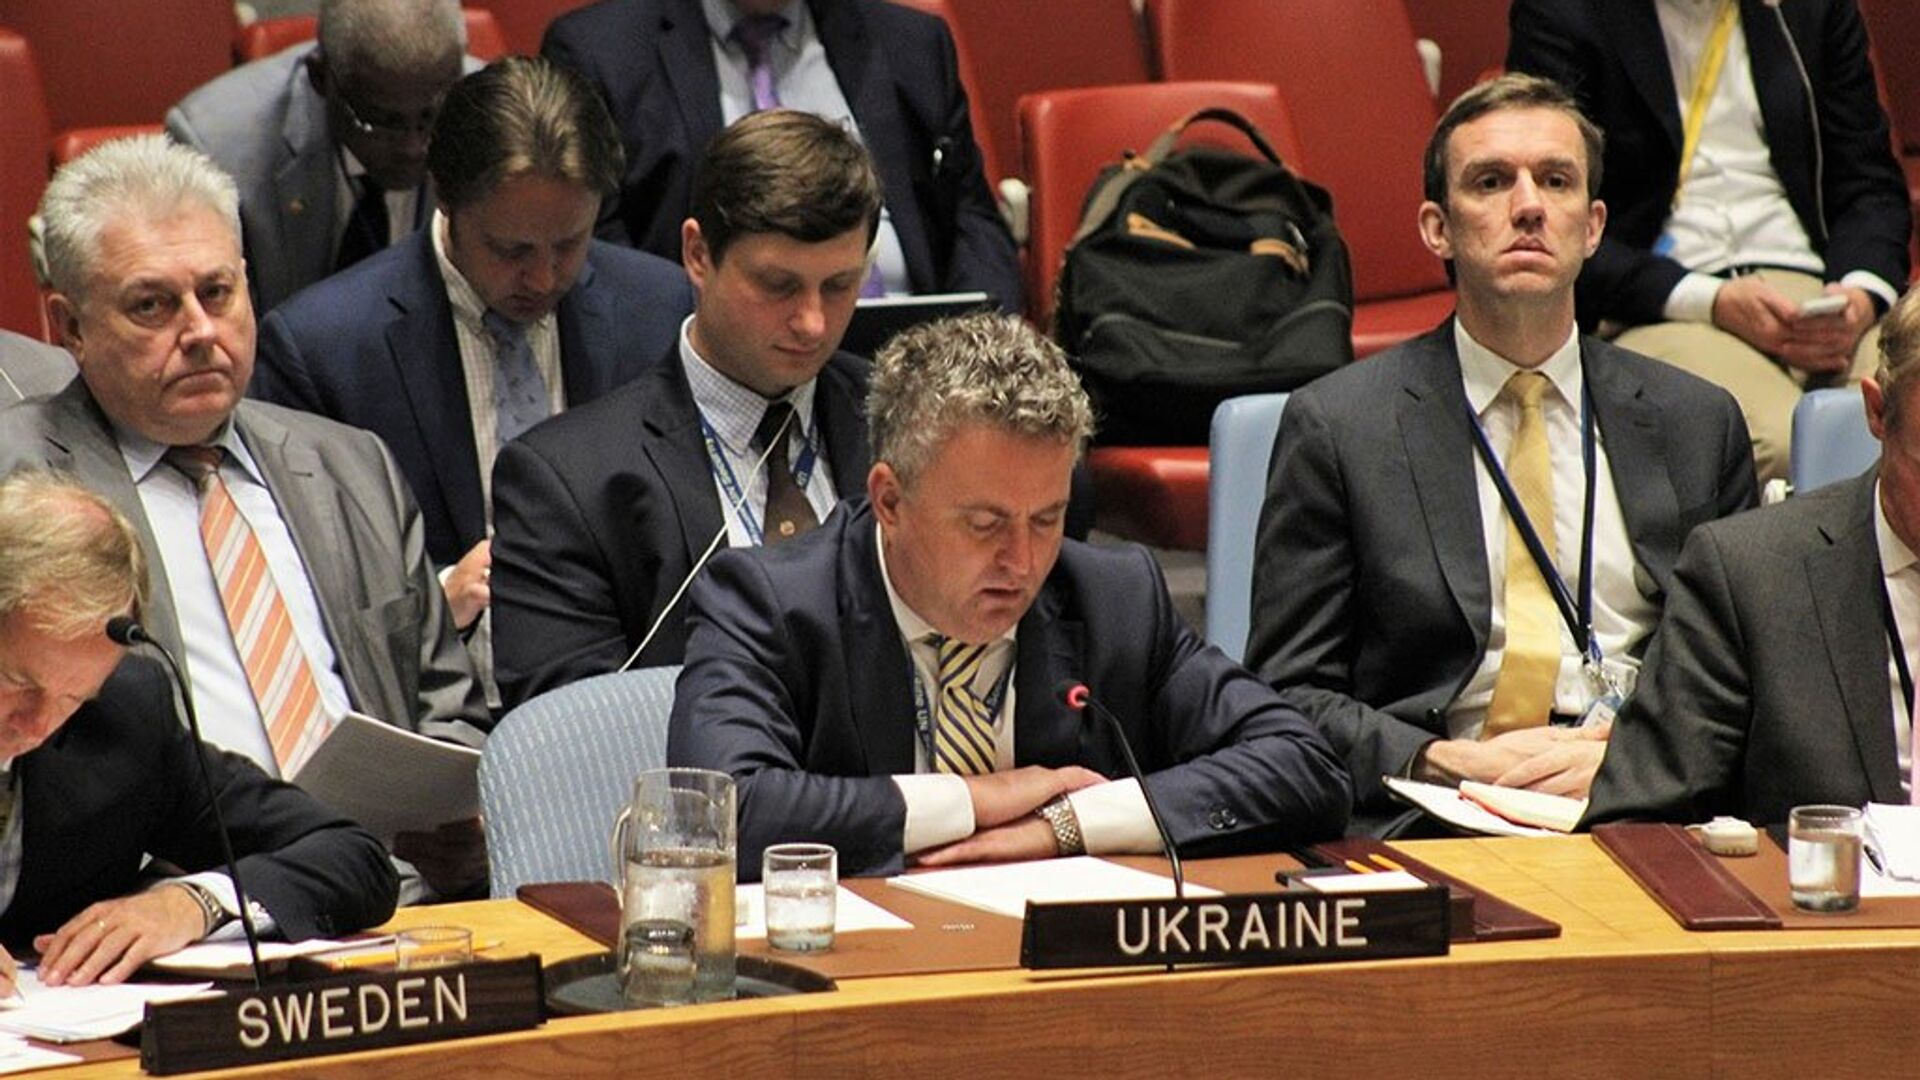 Заместитель министра иностранных дел Украины Сергей Кислица на заседании Совета Безопасности ООН по Африке. 19 июля 2017 - РИА Новости, 1920, 23.02.2021